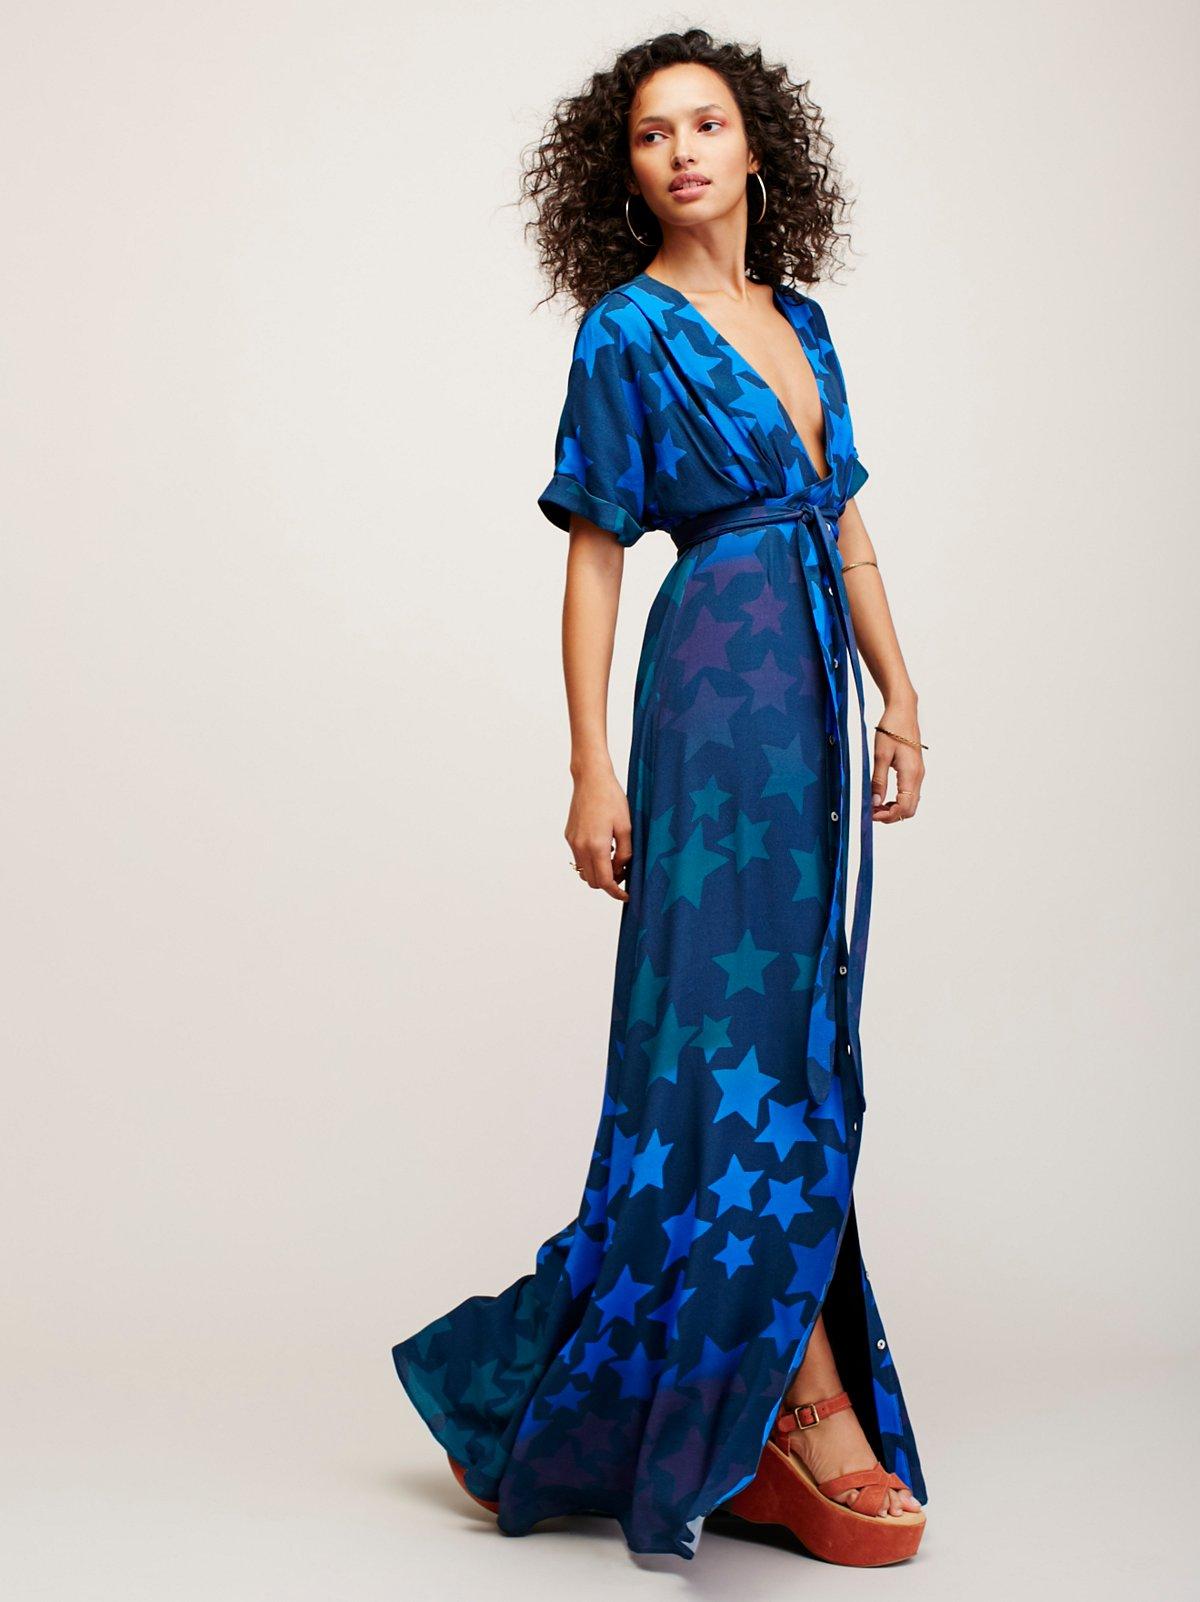 星星图案正面系带连衣裙